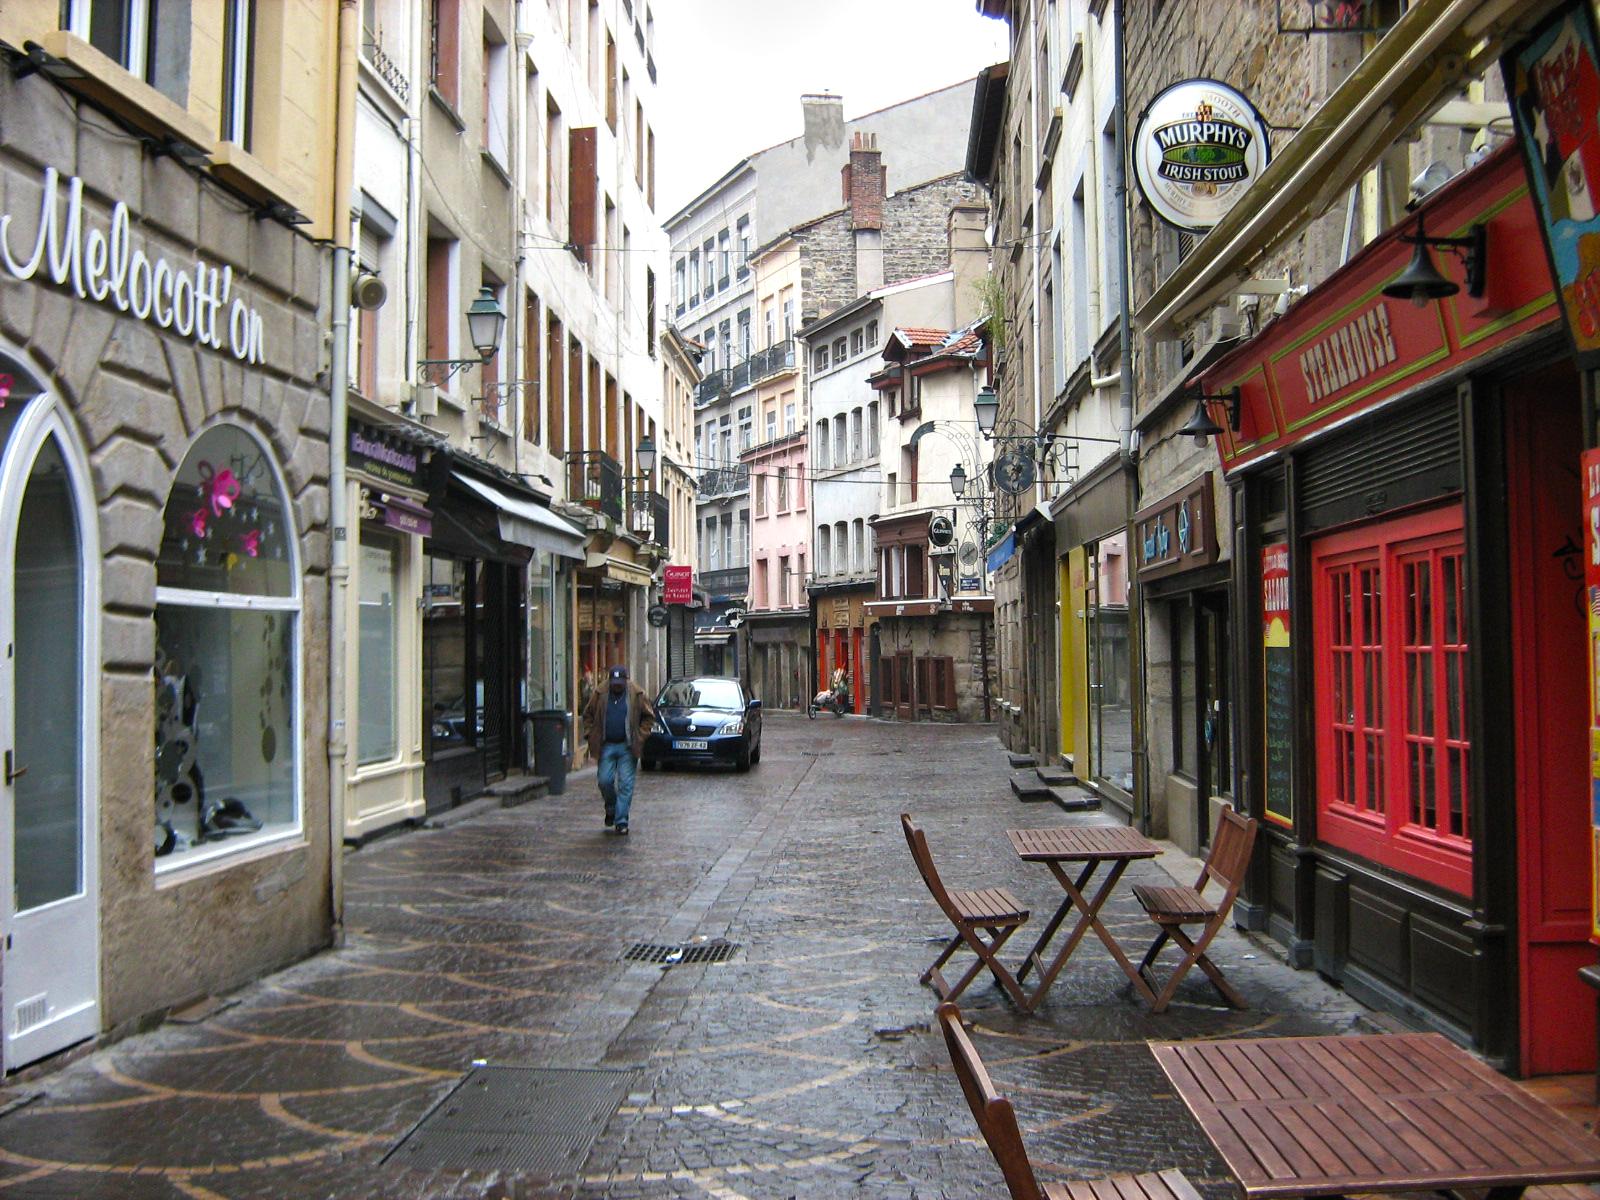 City tour guide les bonnes adresses saint tienne par for Le miroir rue des martyrs